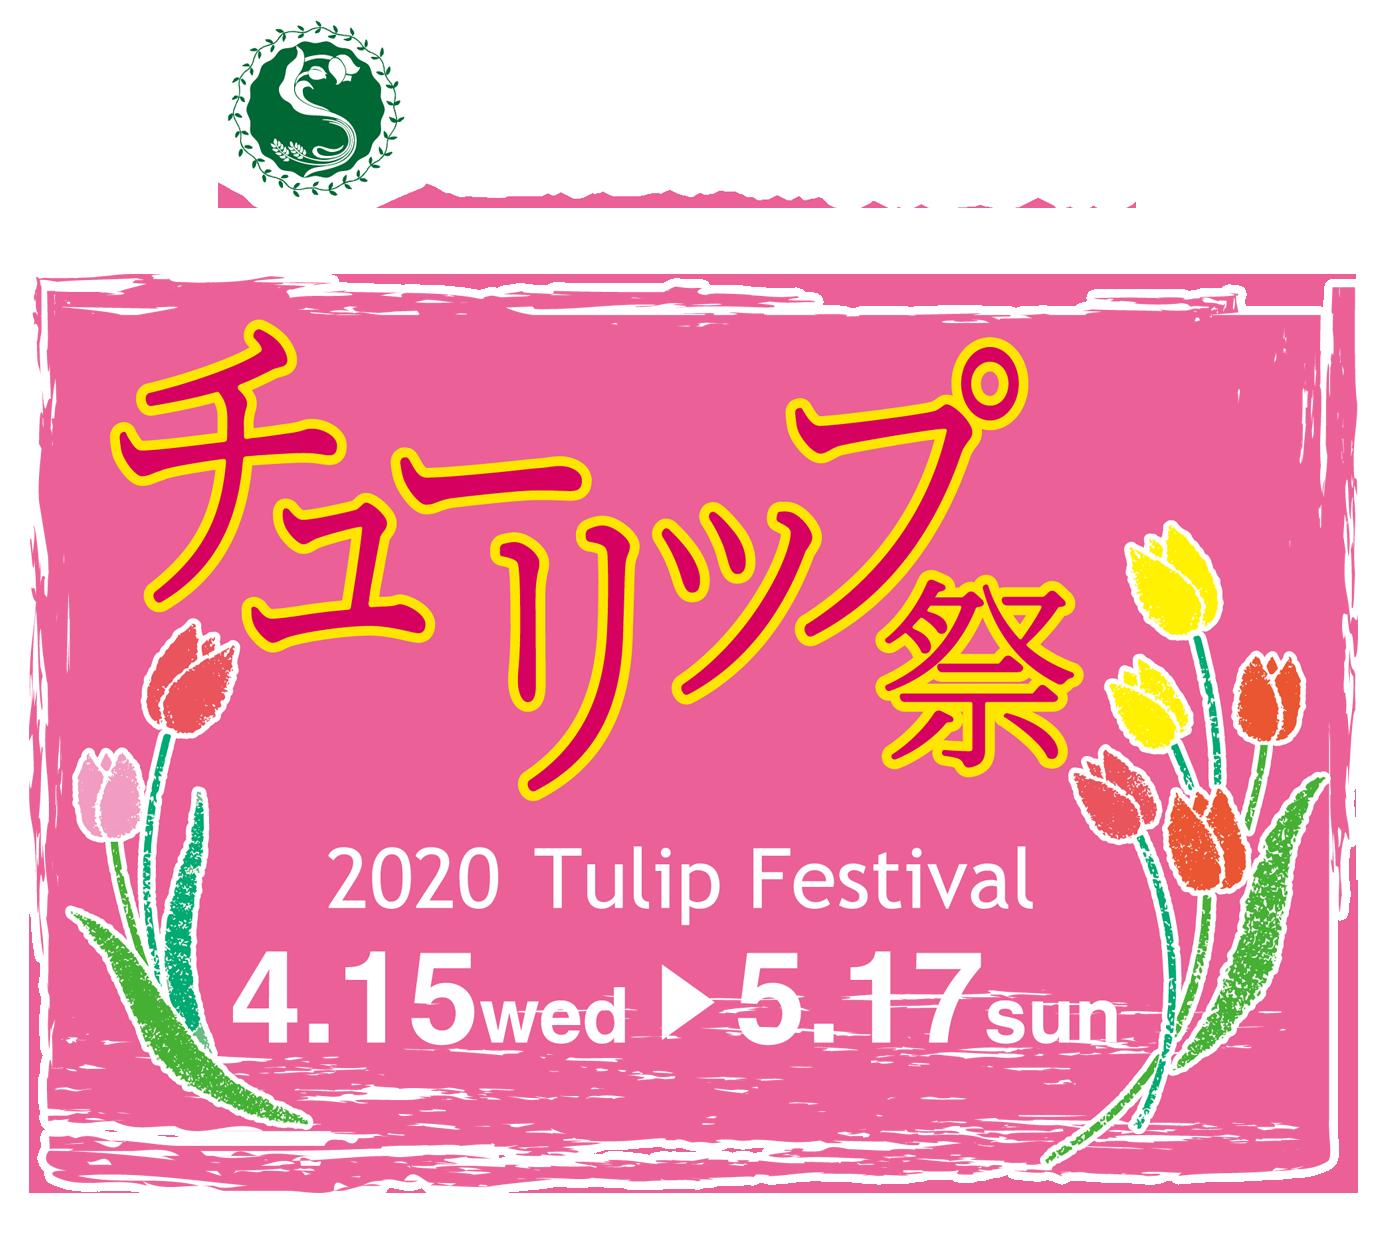 世羅高原農場チューリップ祭/2020 tulip festival 4.15(wed) - 5.17(sun)